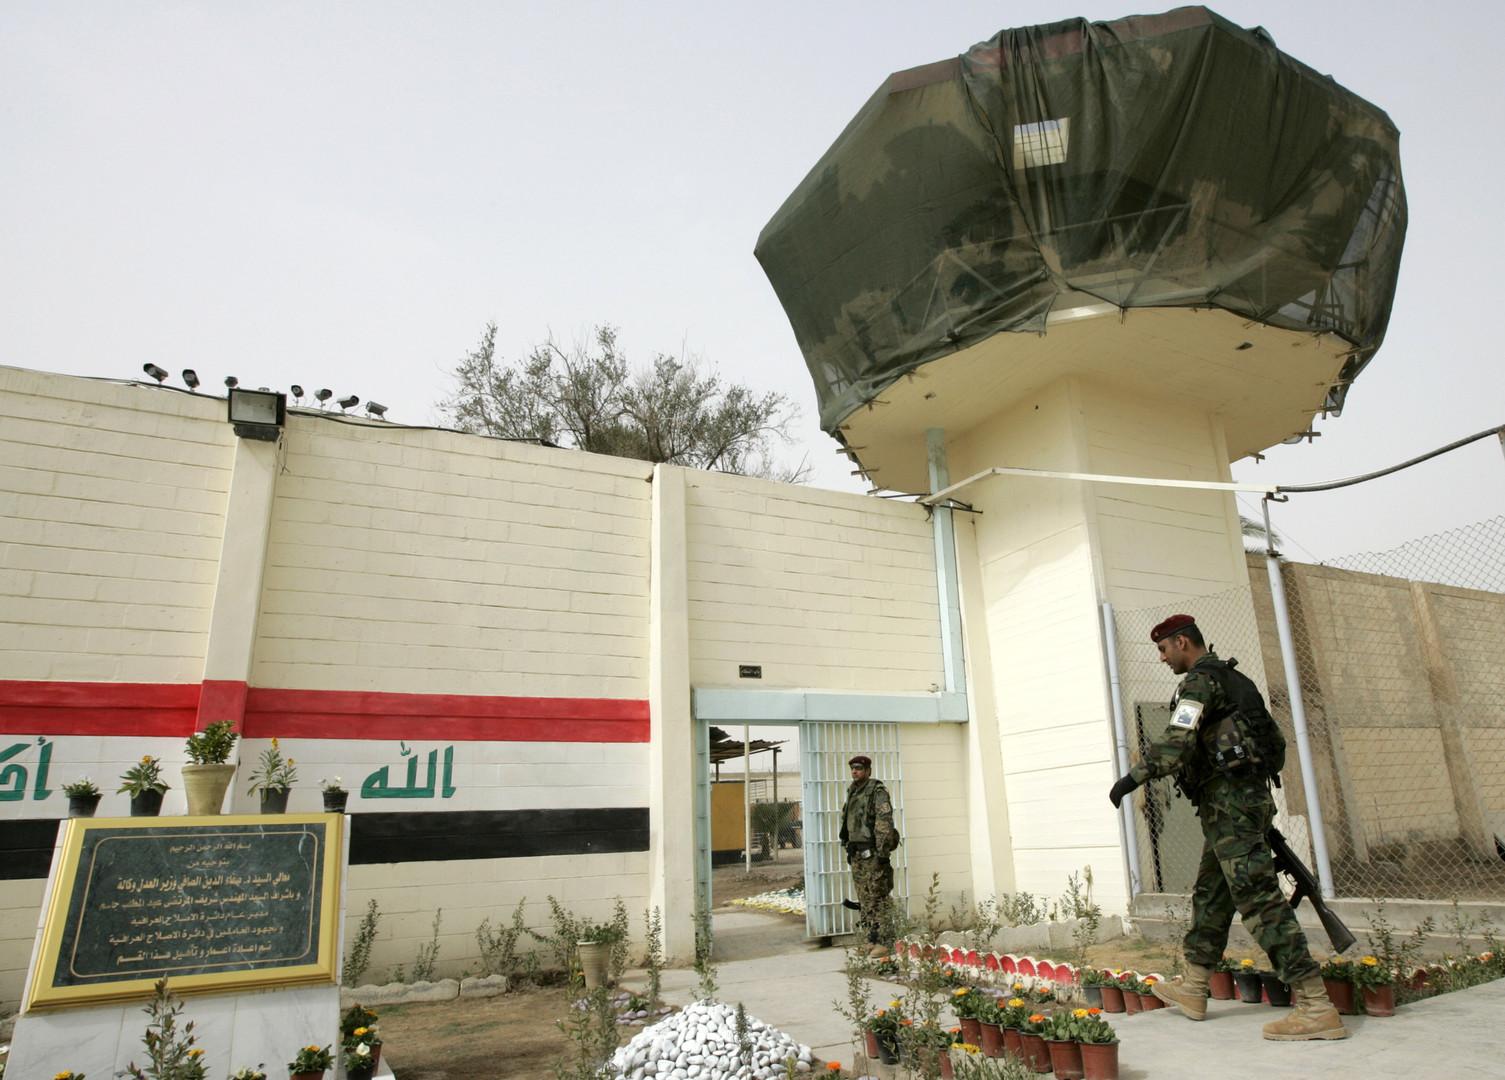 السلطات العراقية تنفي تقريرا لـ